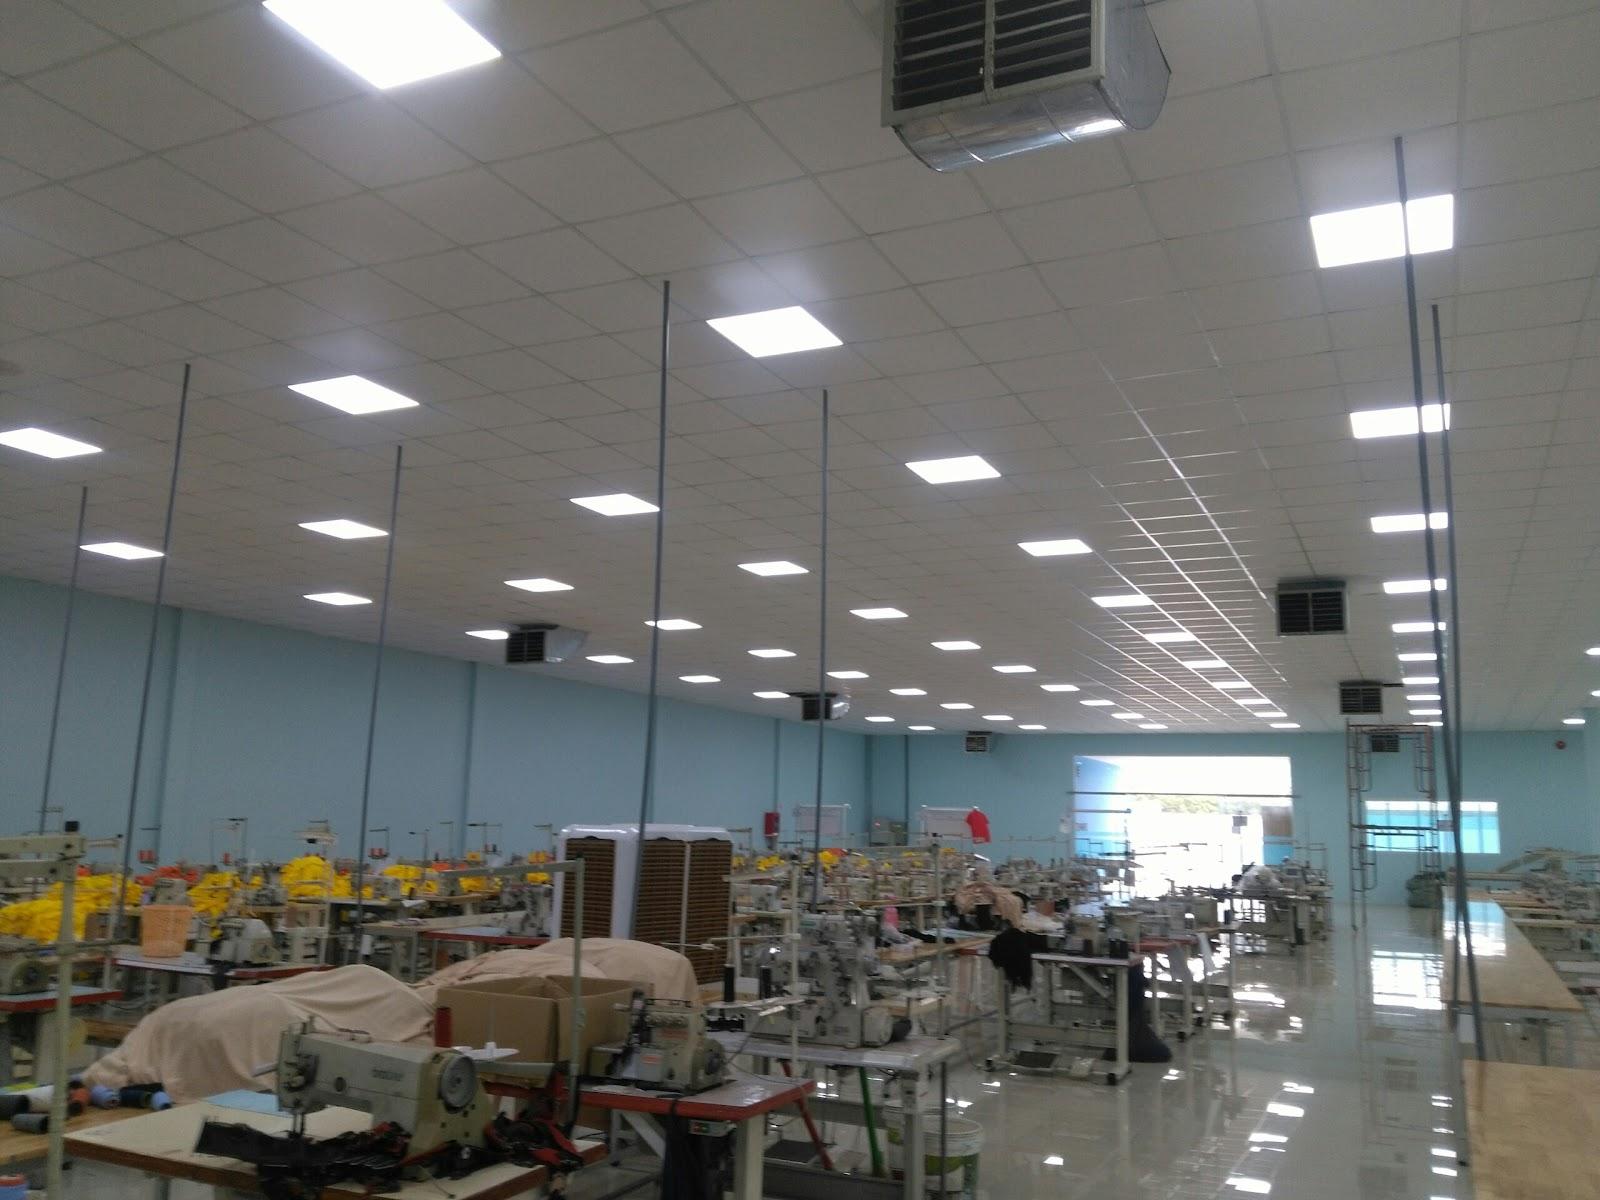 Hệ thống làm mát bằng không khí được sử dụng phổ biến tại các nhà xưởng